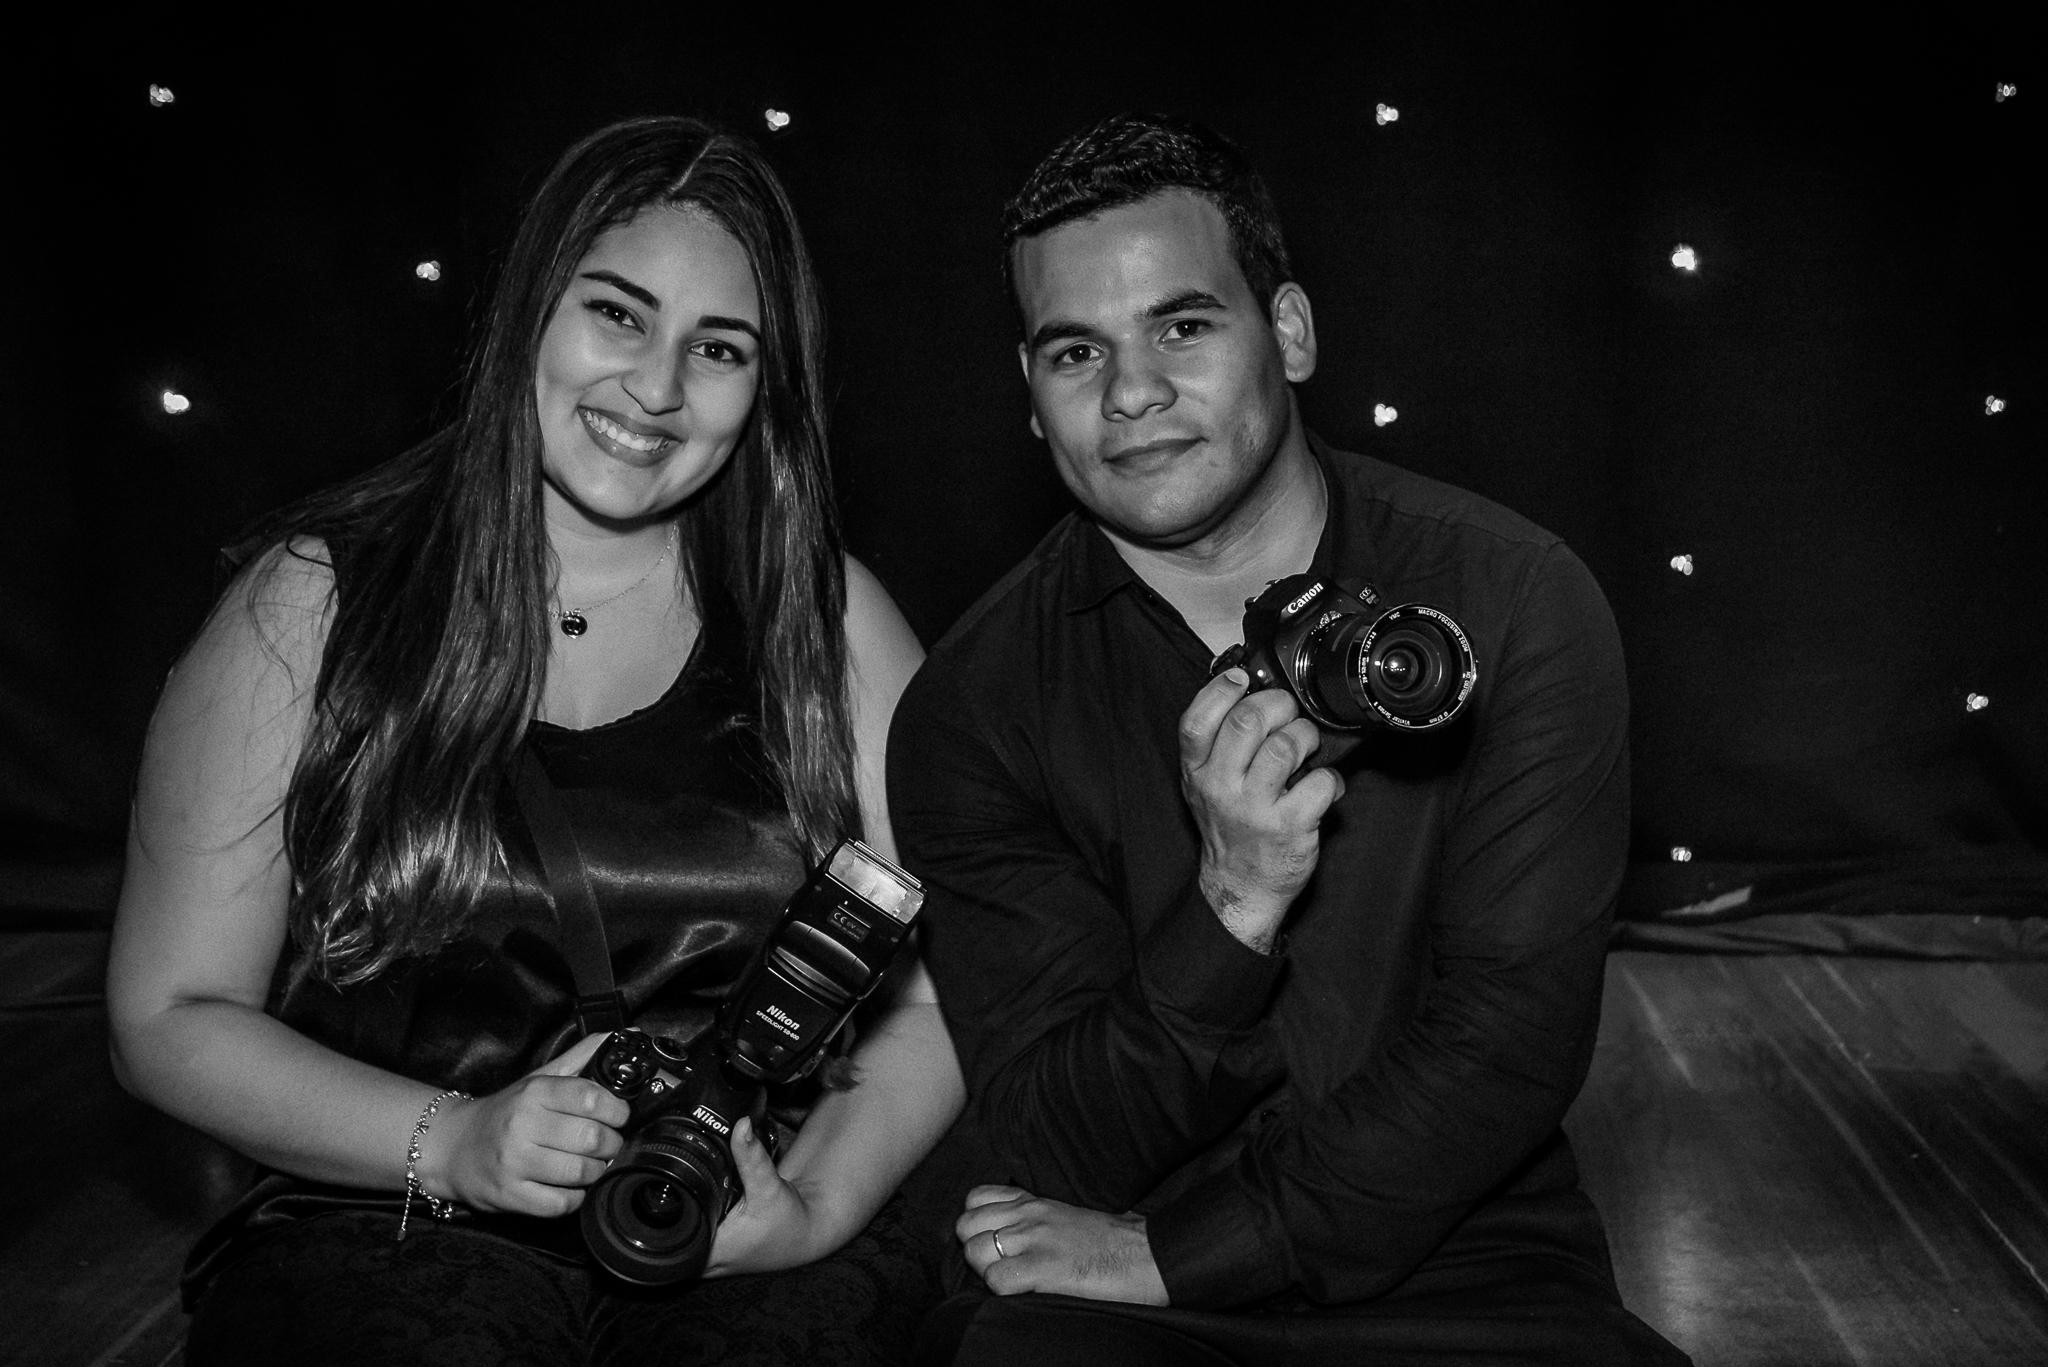 Sobre Fotografos de Casamento em Jundiaí e região - Alex & Thais